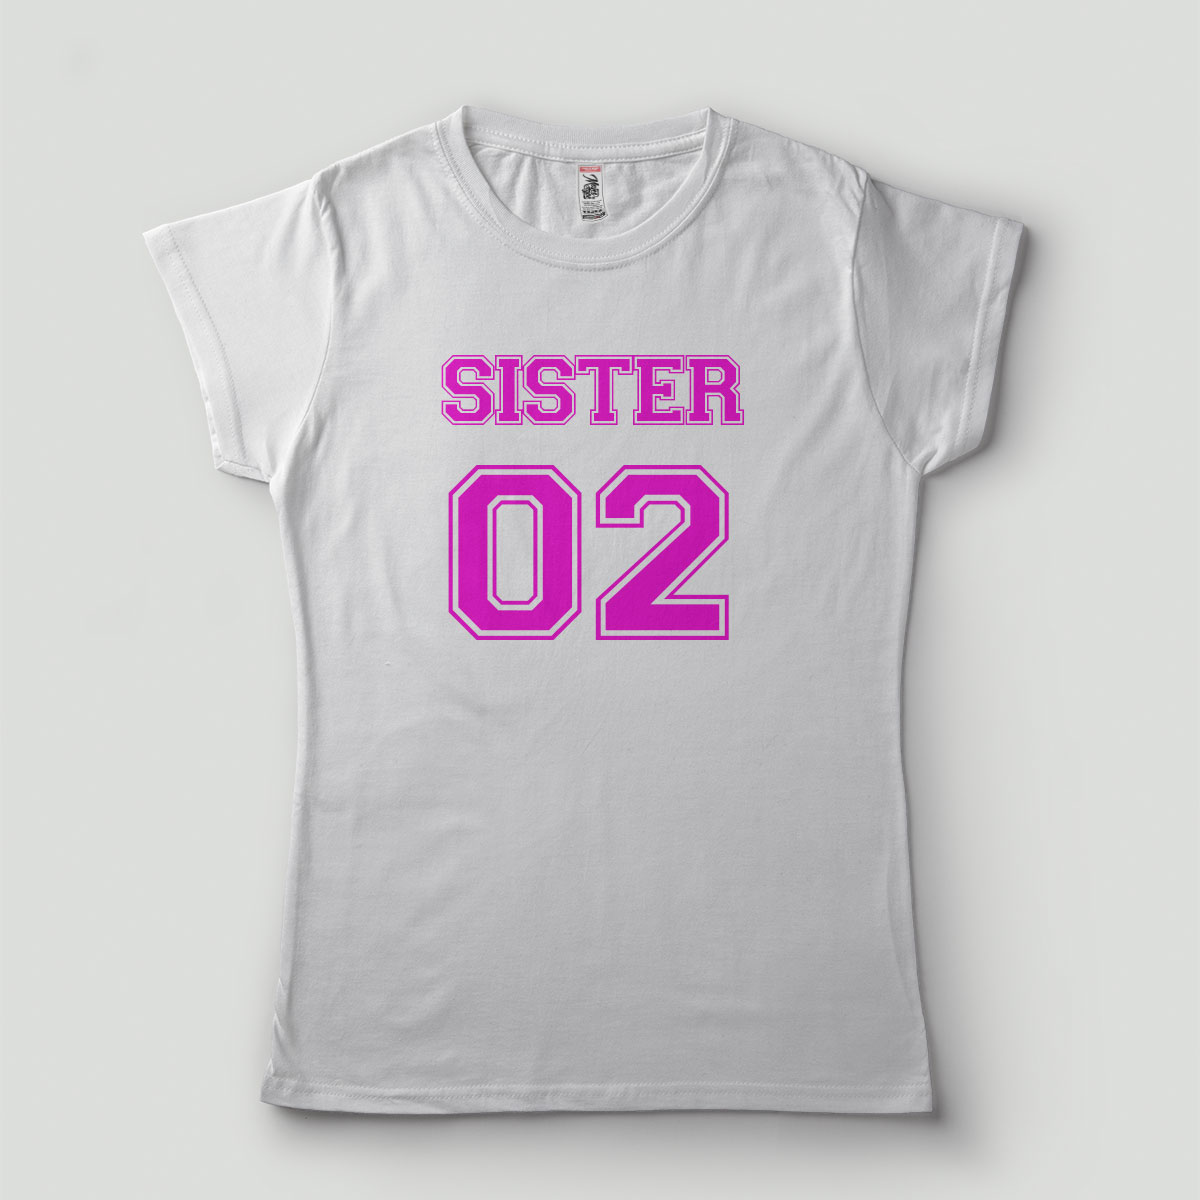 Kit 2 Camisetas Irmãs Sister 01 02 Irmã da noiva - Estampa nas Costas